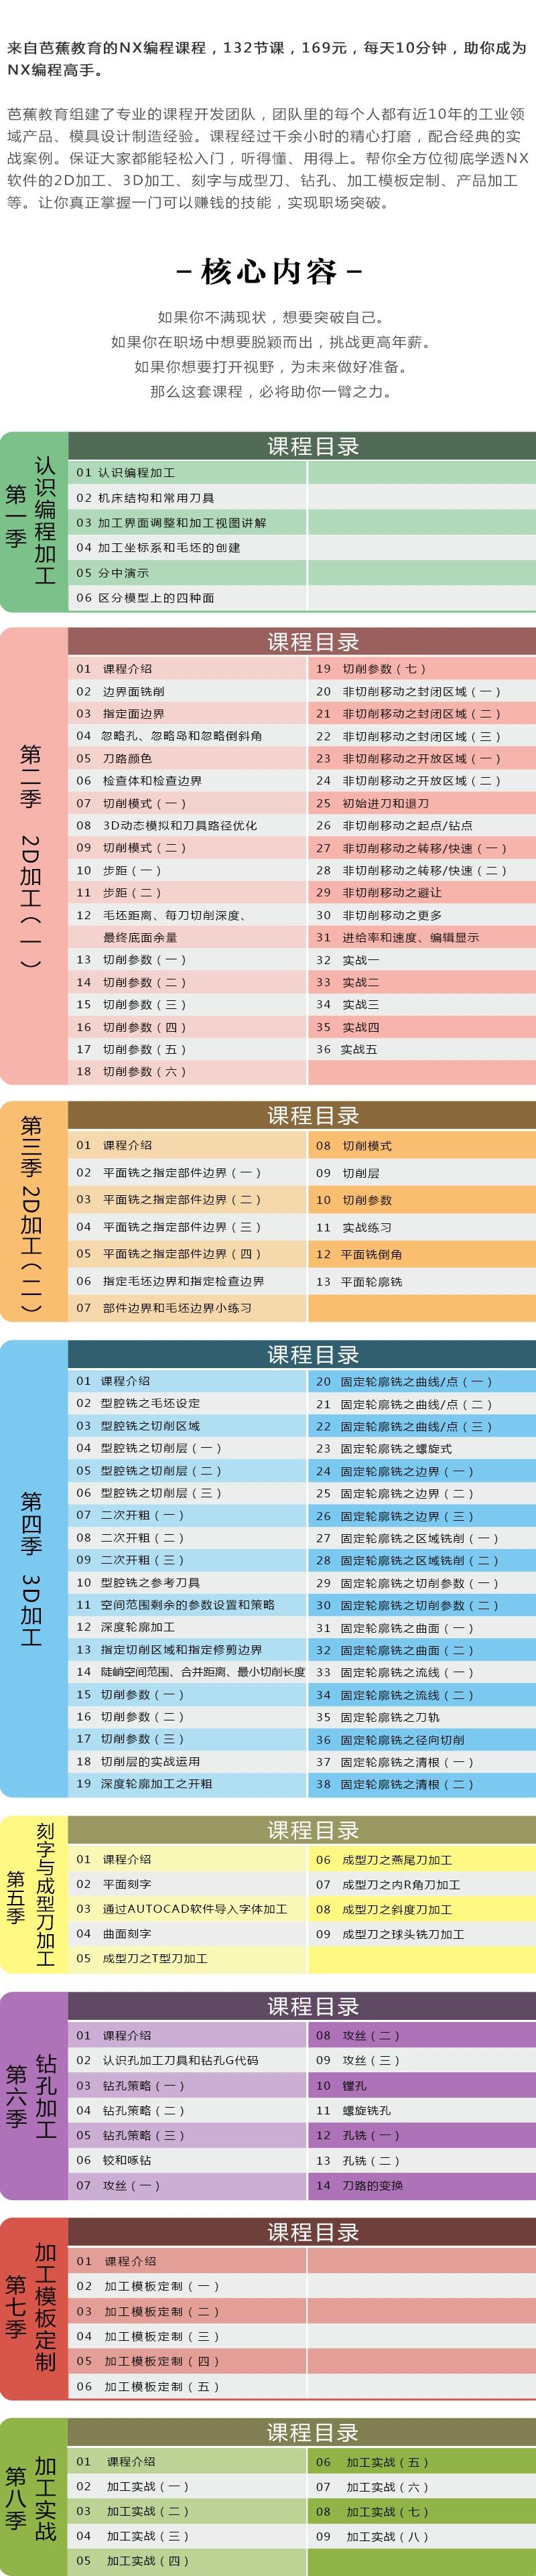 编程全集课程介绍14.jpg